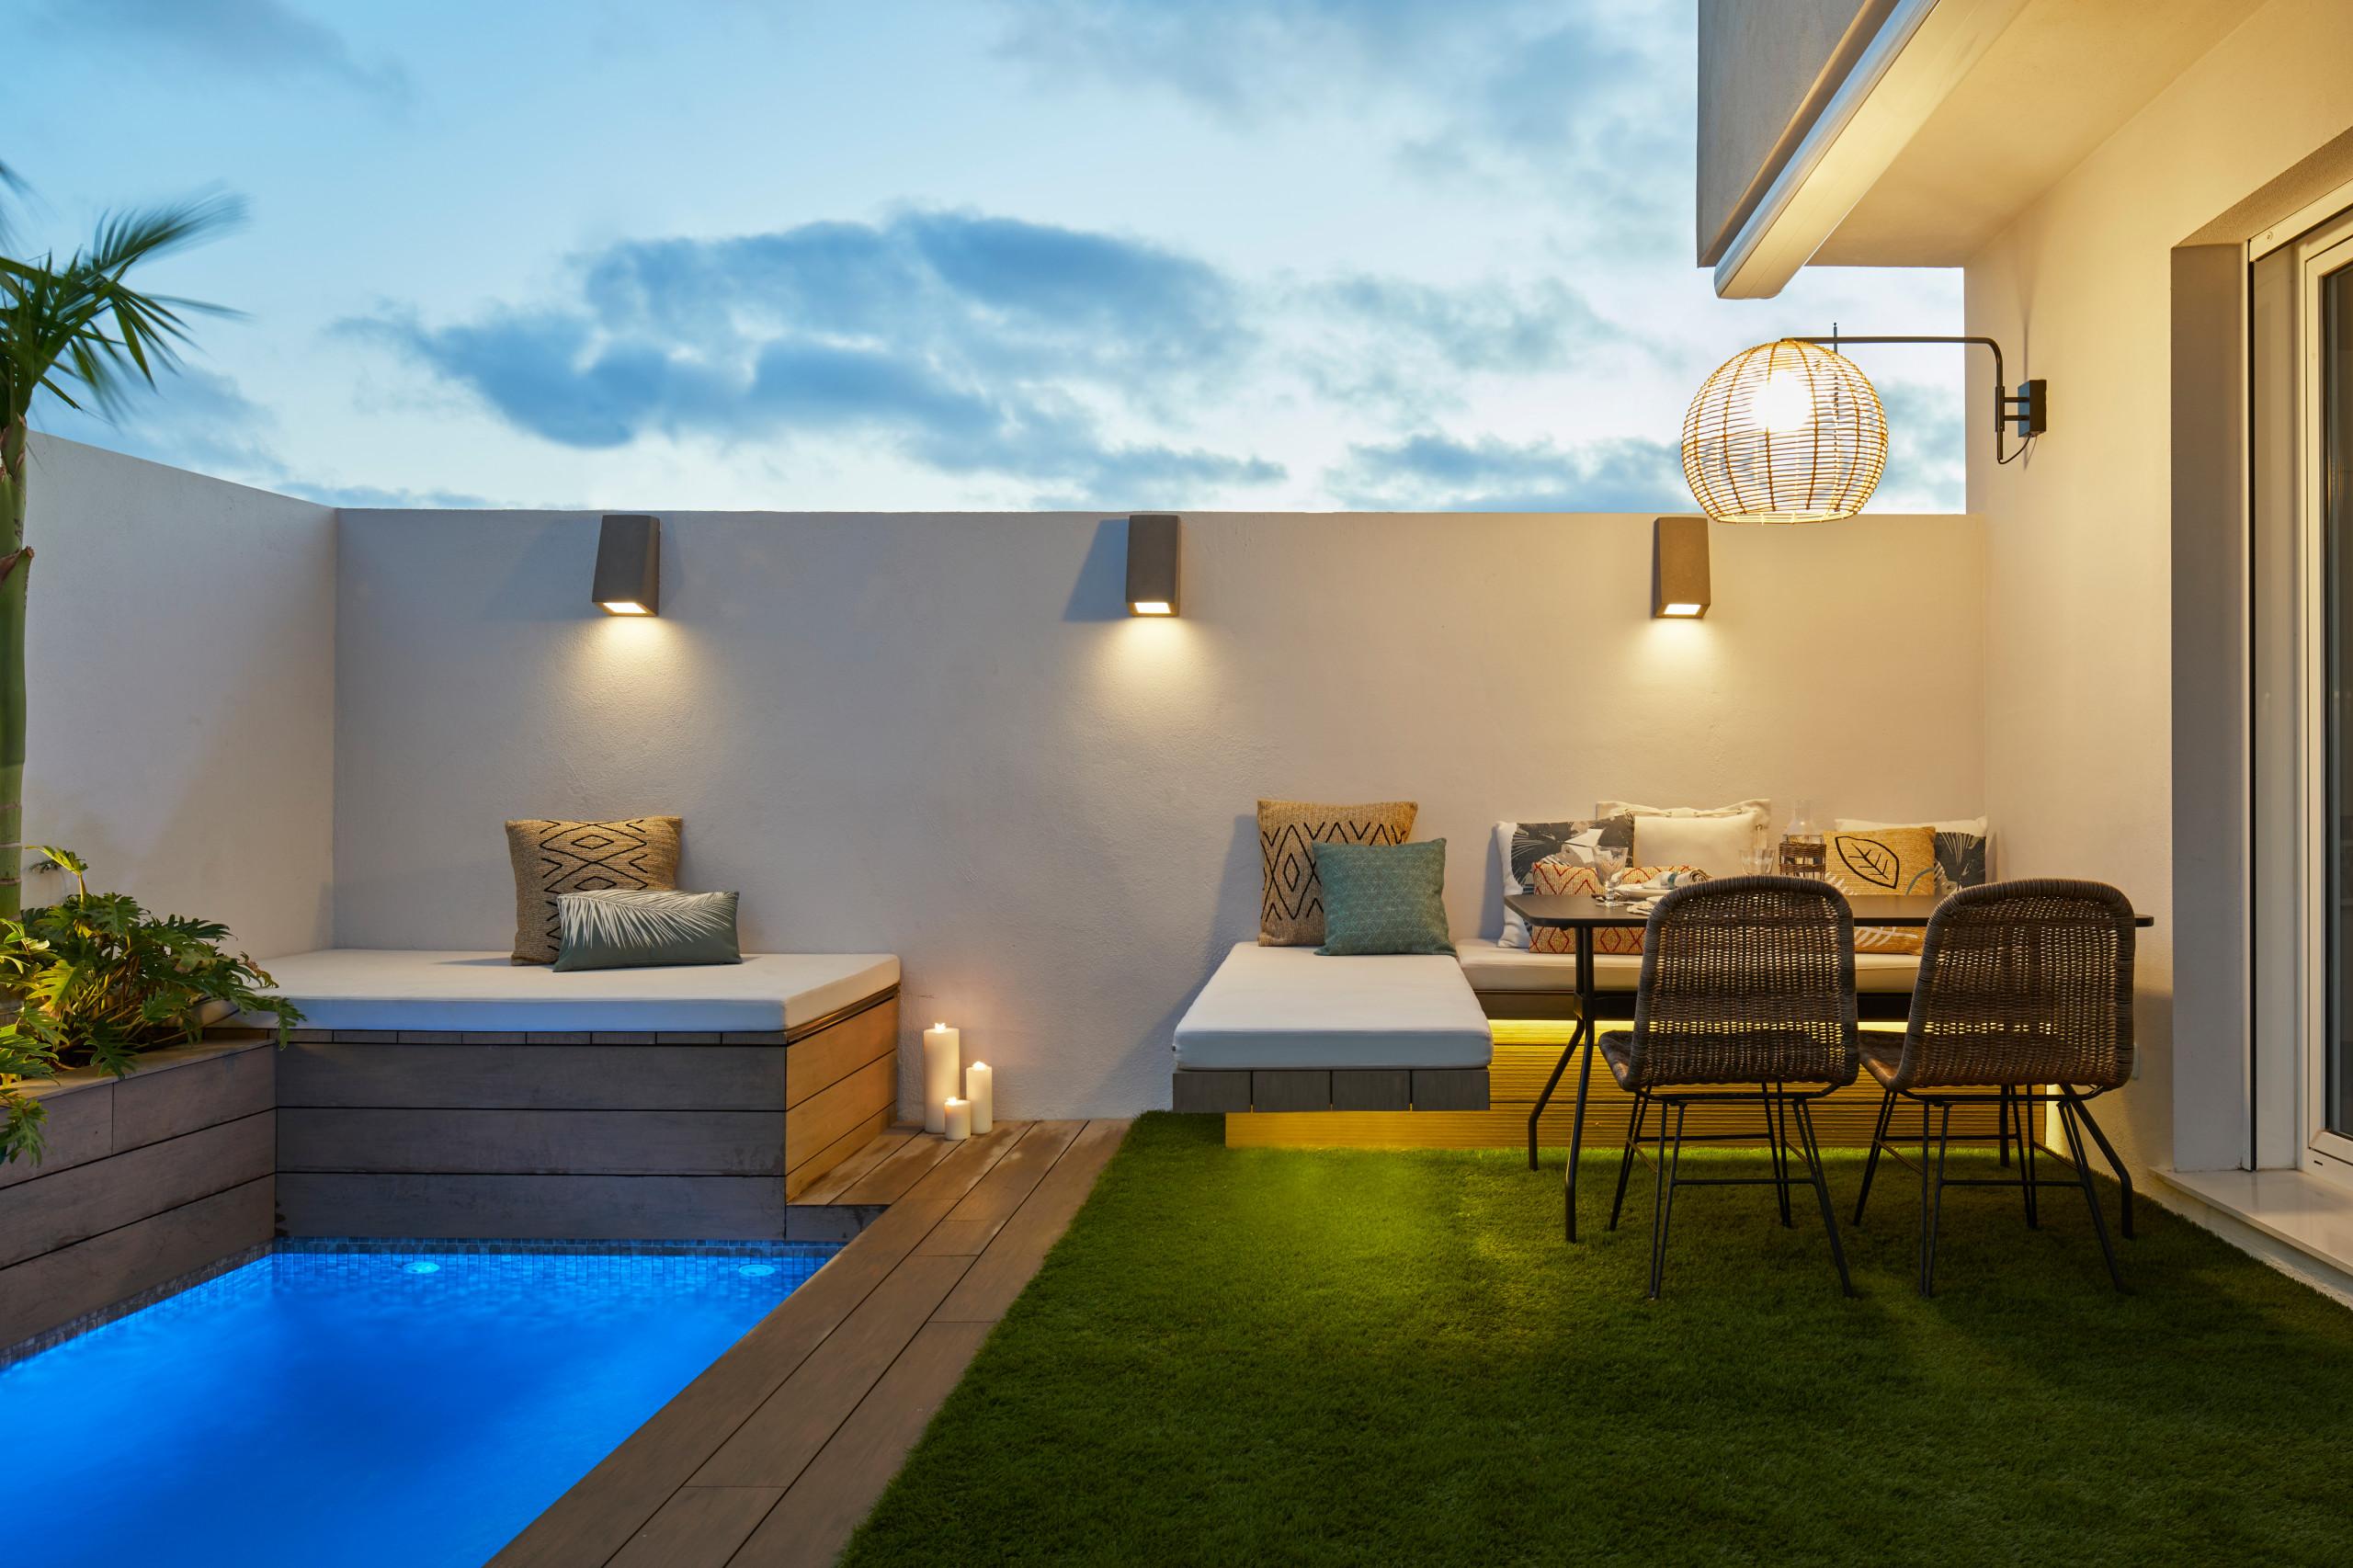 Vista de la terraza con zona de comedor y piscina